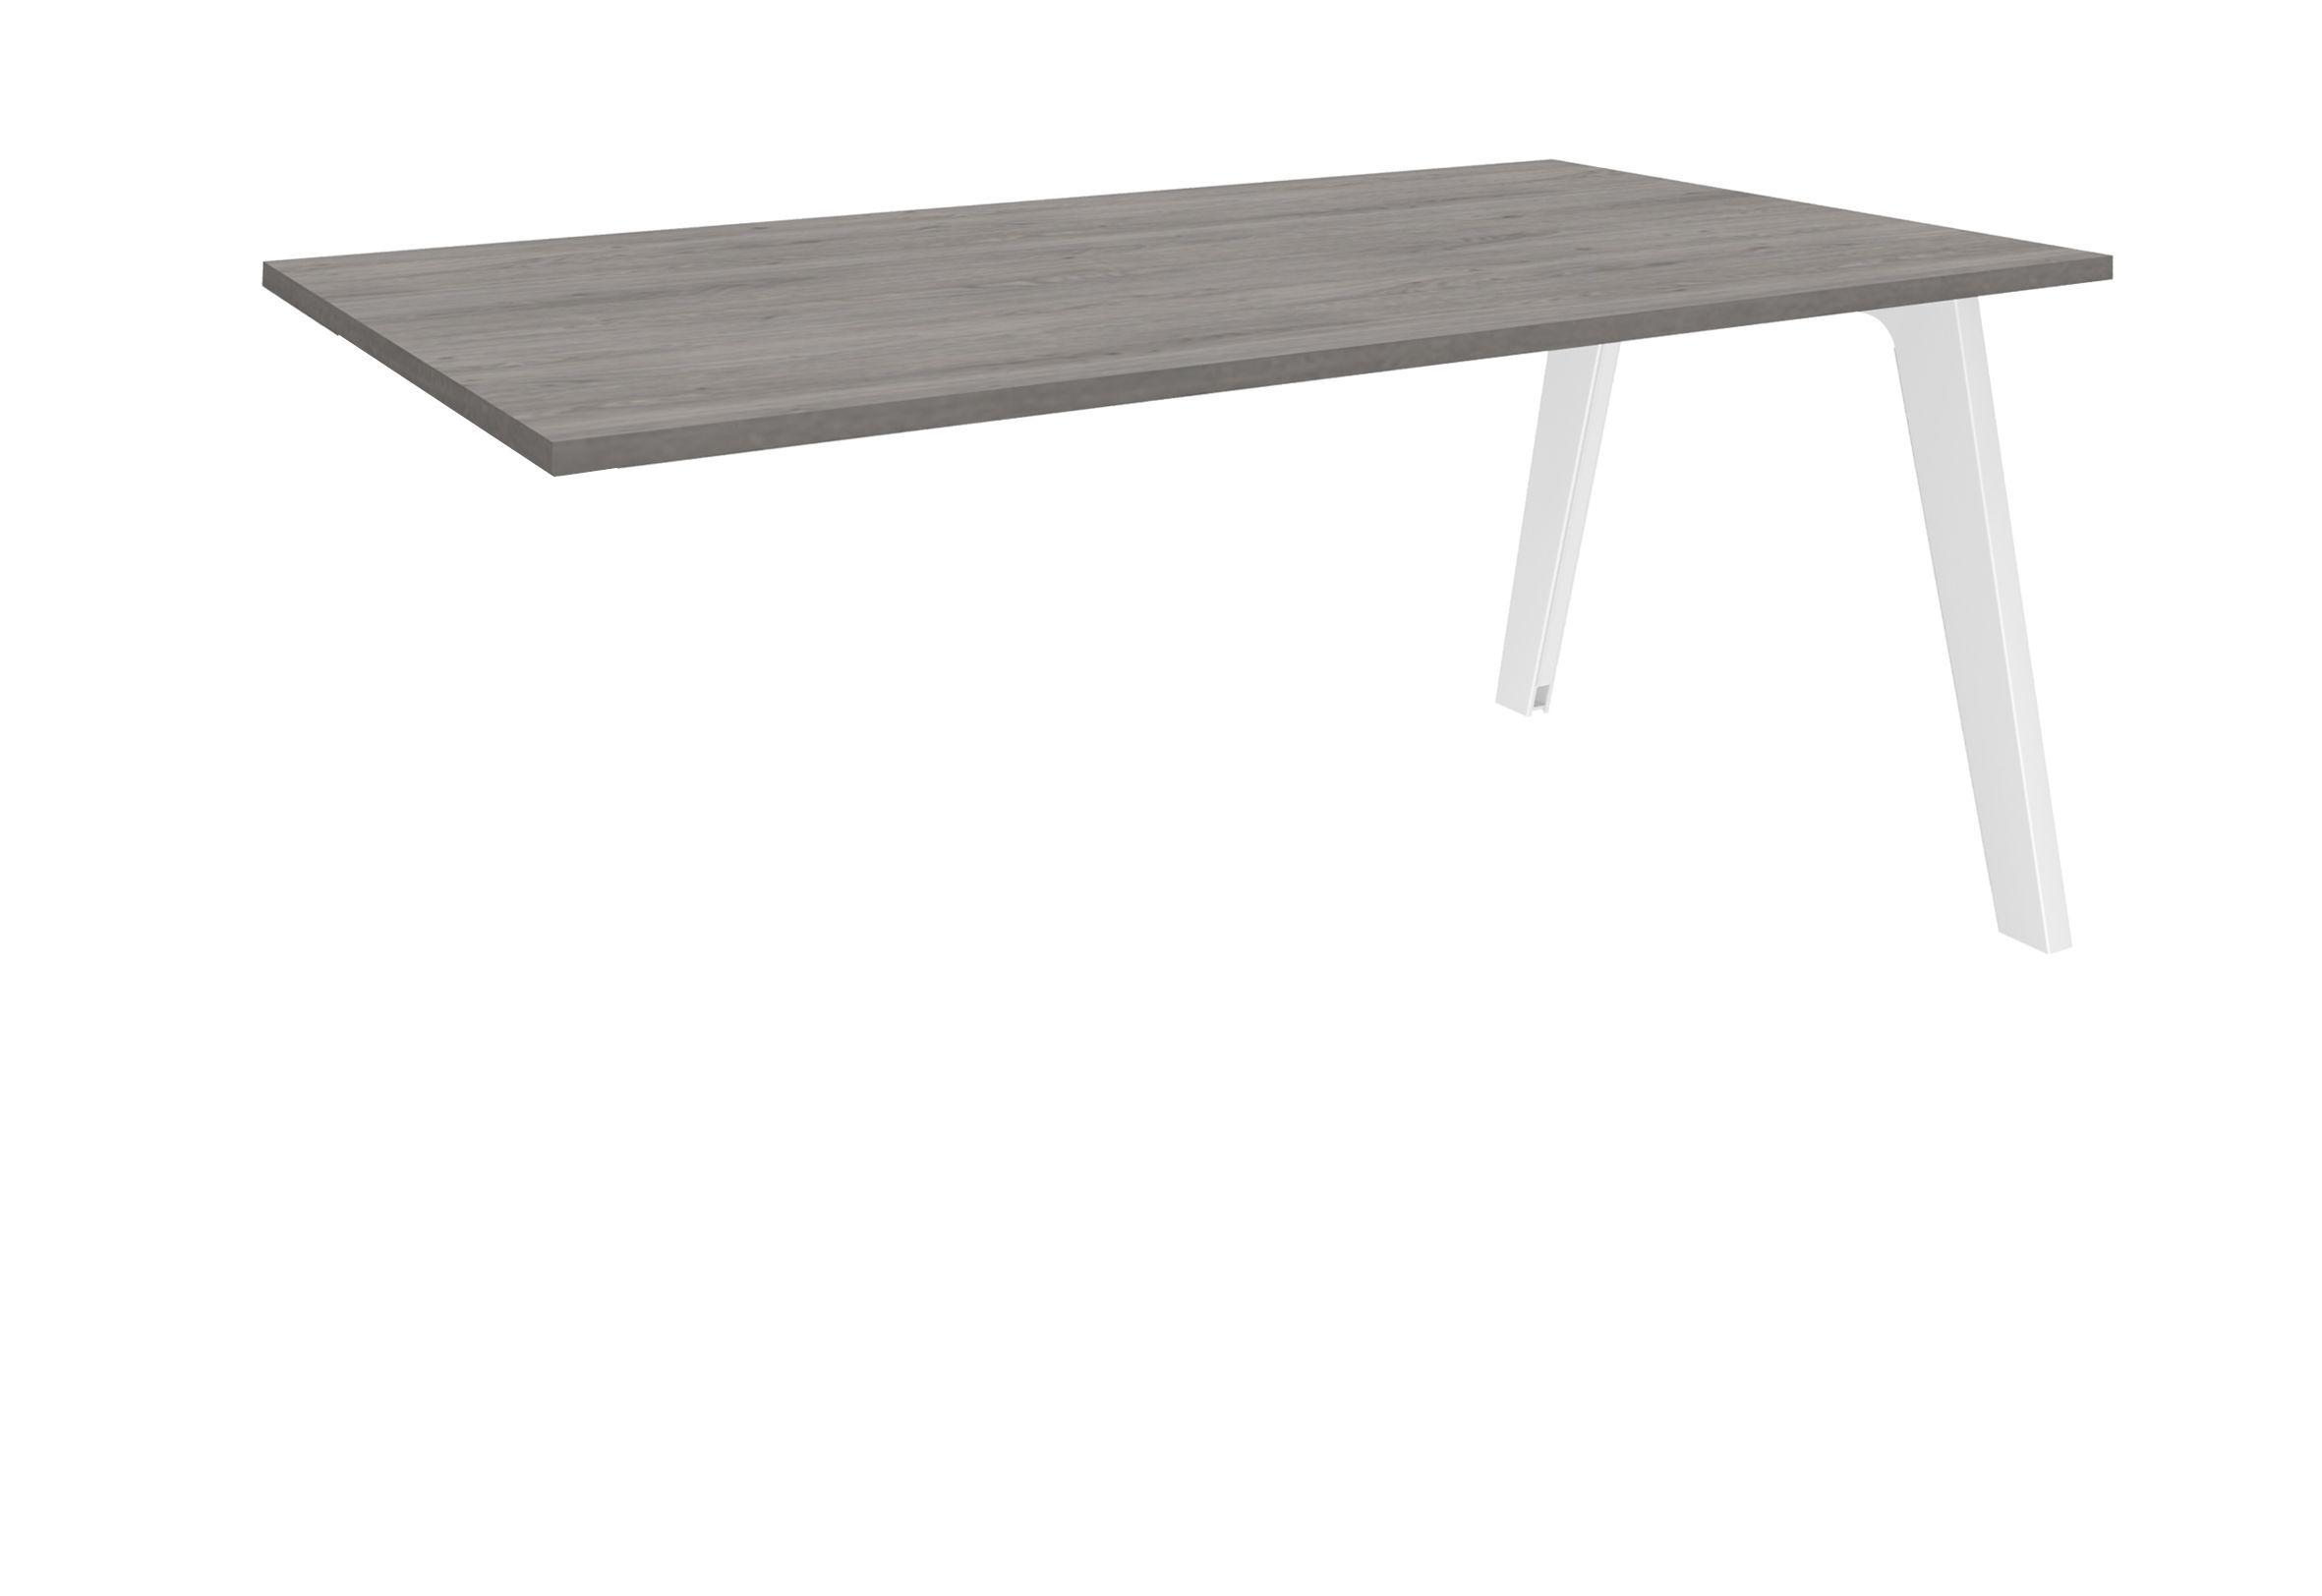 Bureau simple STEELY - L140 cm - Plan suivant - Pieds blanc - plateau imitation Chêne gris